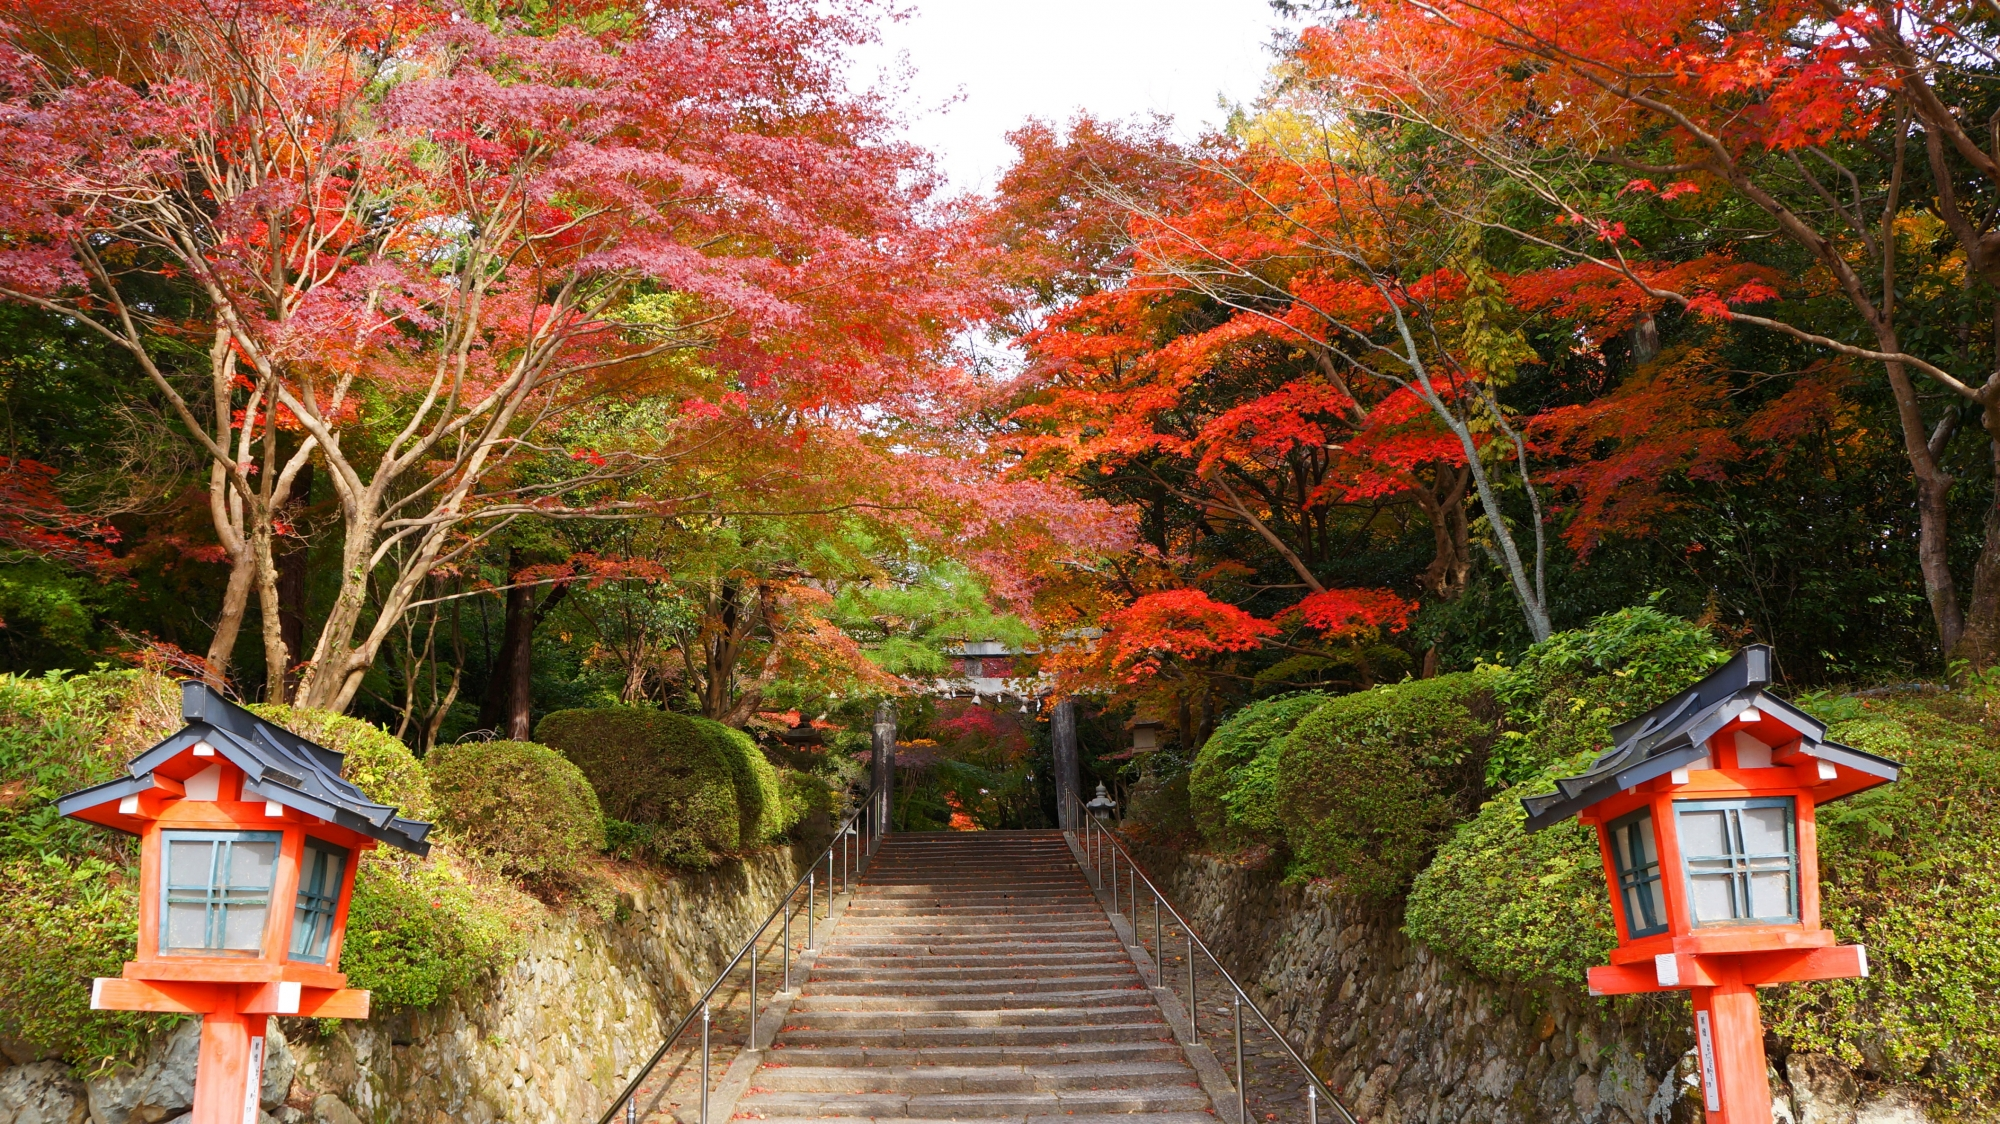 大原野神社の二ノ鳥居と紅葉が華やぐ石段